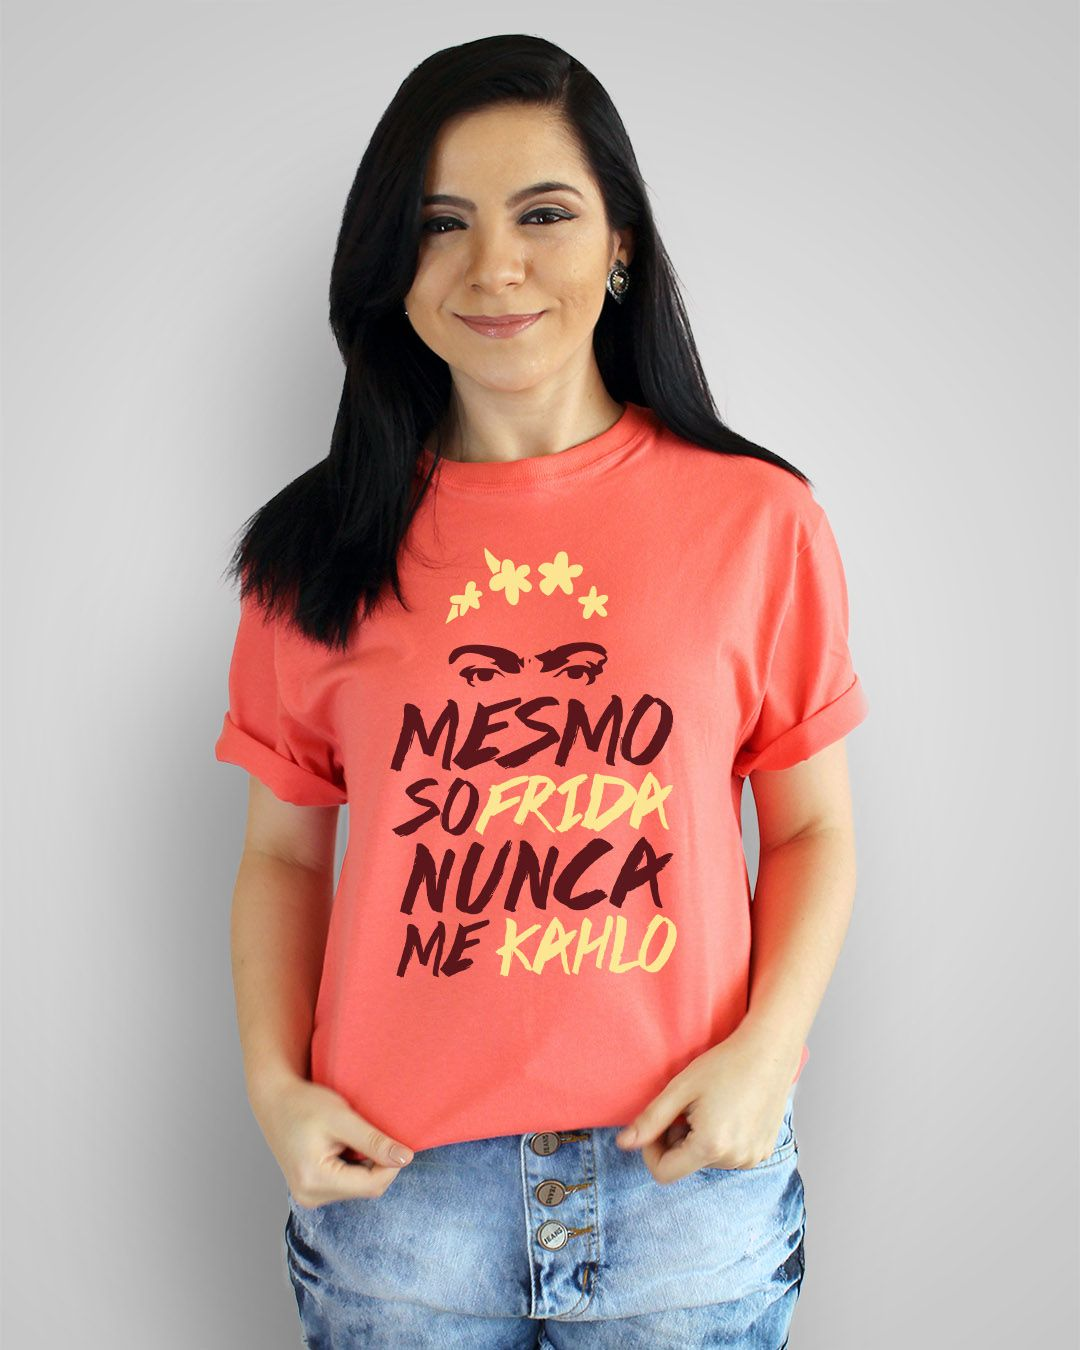 Camiseta Mesmo sofrida, nunca me kahlo - Frida Kahlo